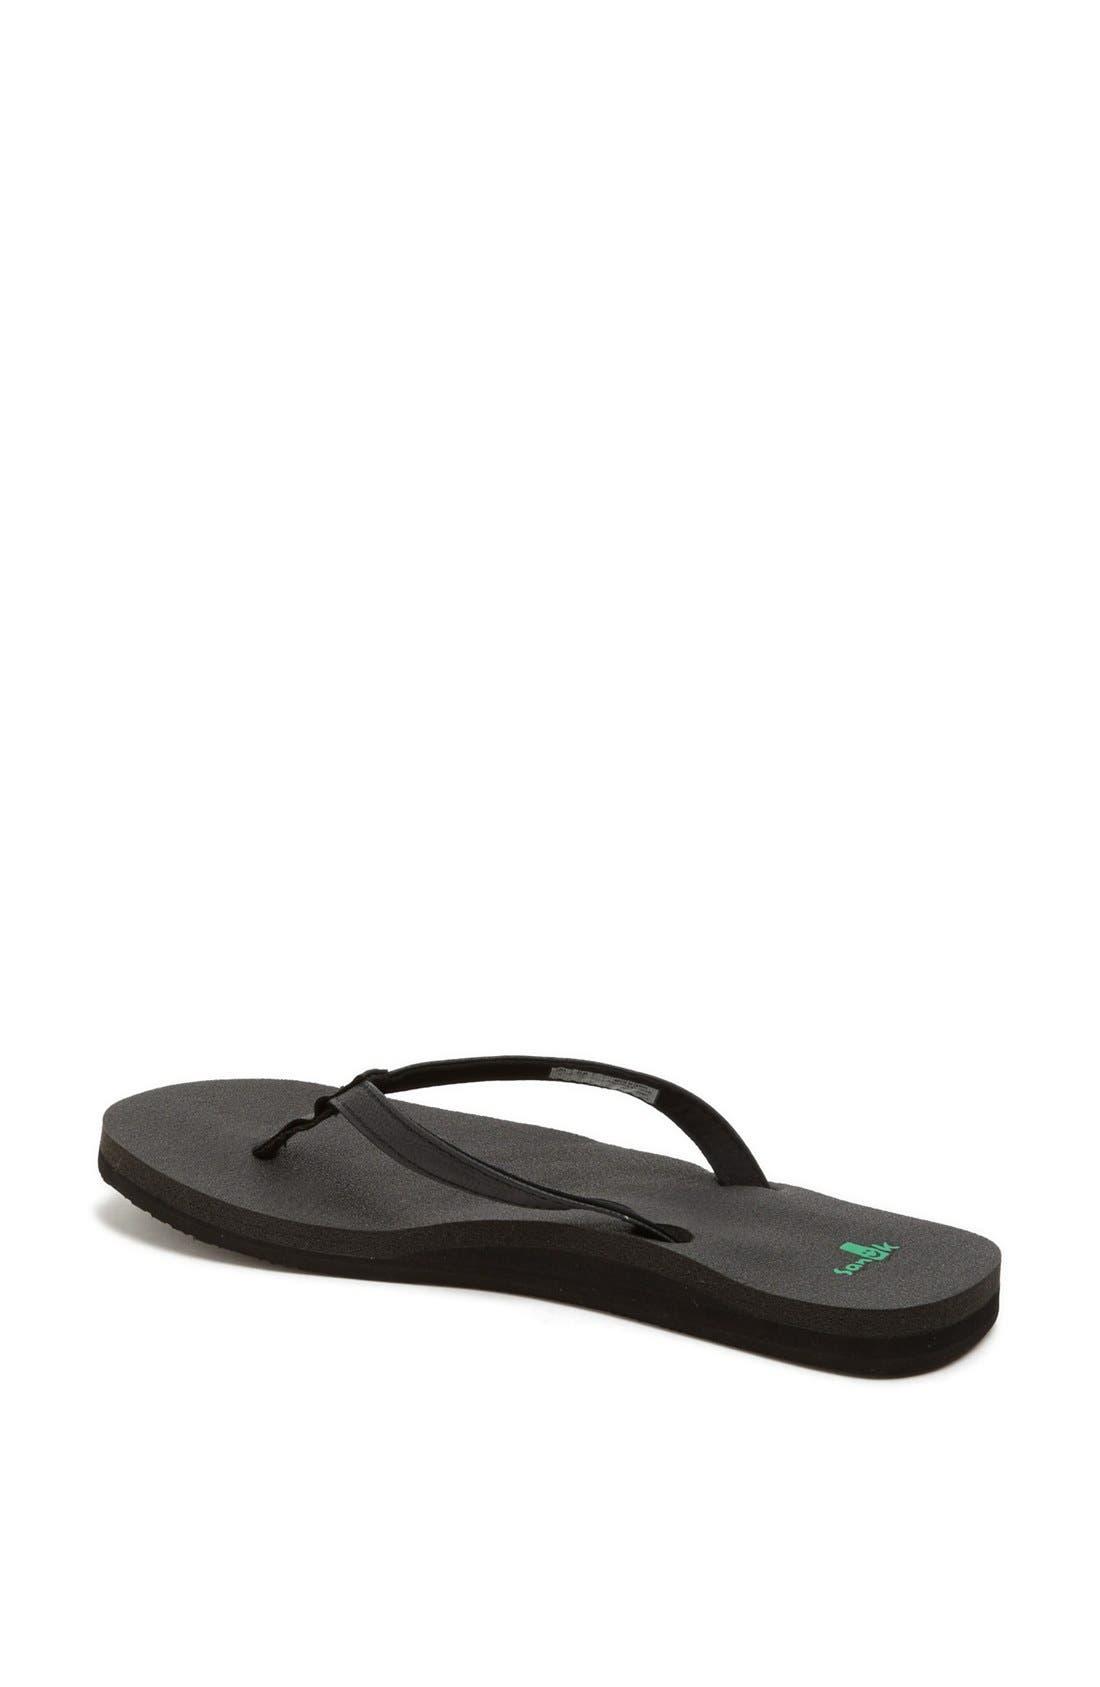 Alternate Image 2  - Sanuk 'Yoga Joy' Flip Flop (Women) (Regular Retail Price: $29.95)